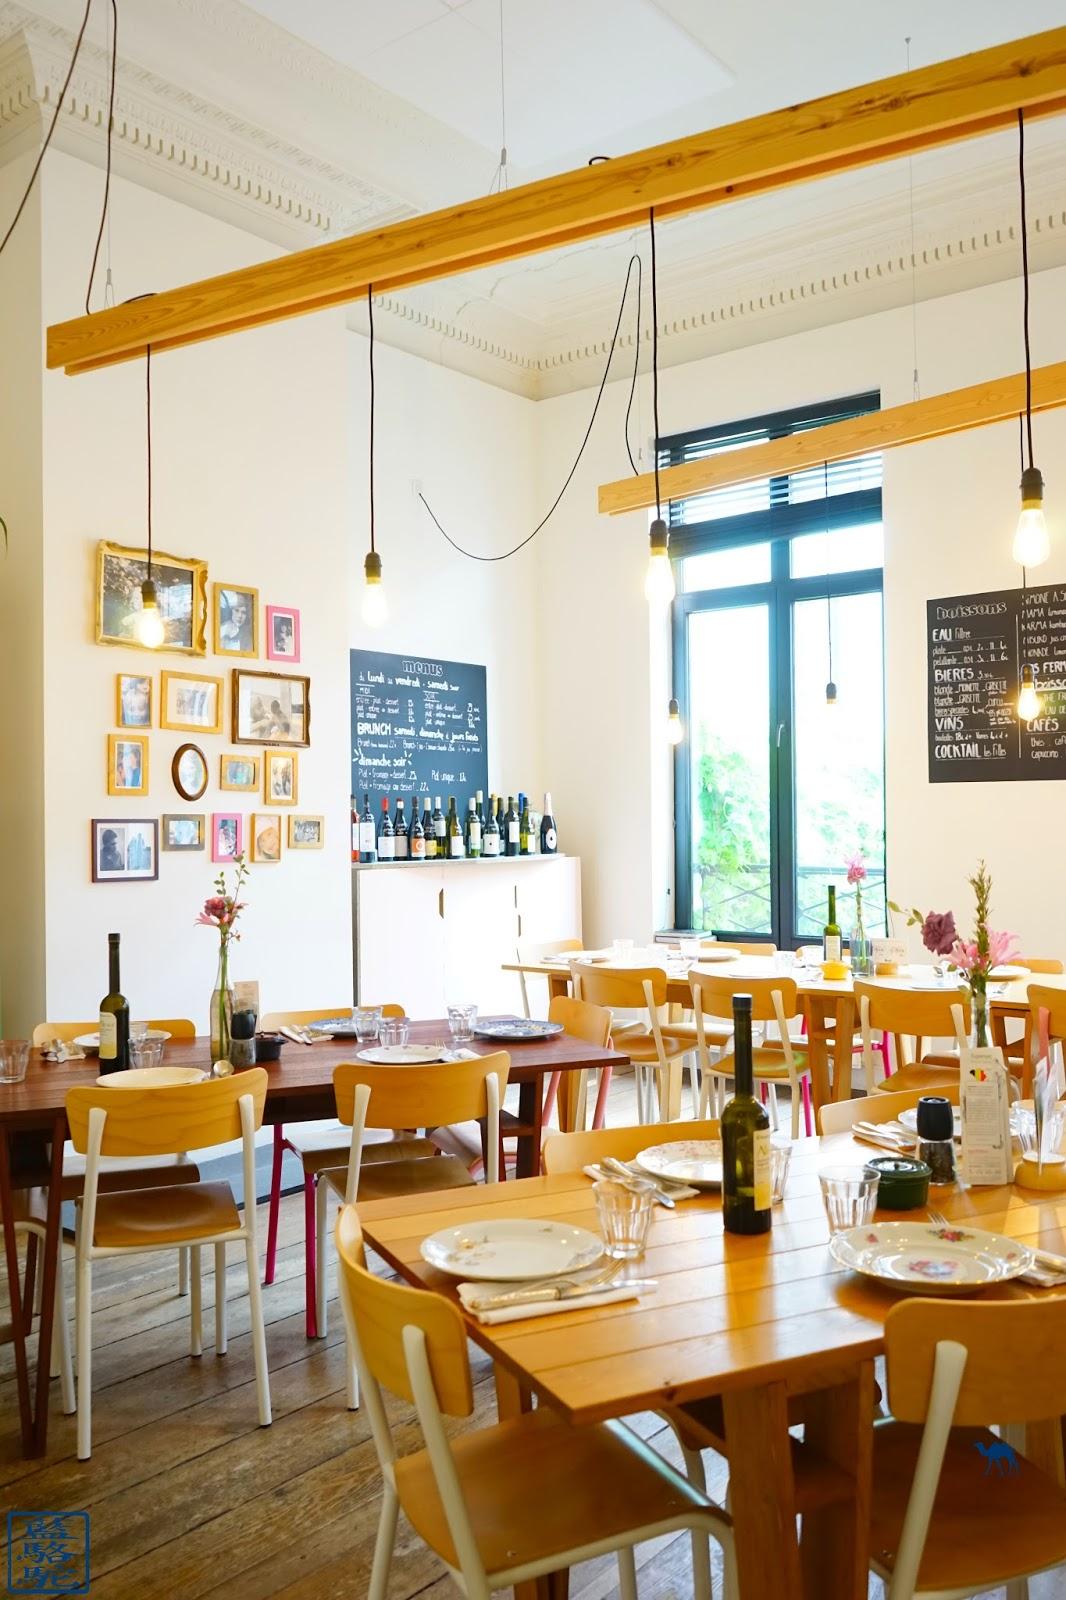 Le Chameau Bleu - Table d'hôtes Les filles Restaurant à Bruxelles Belgique